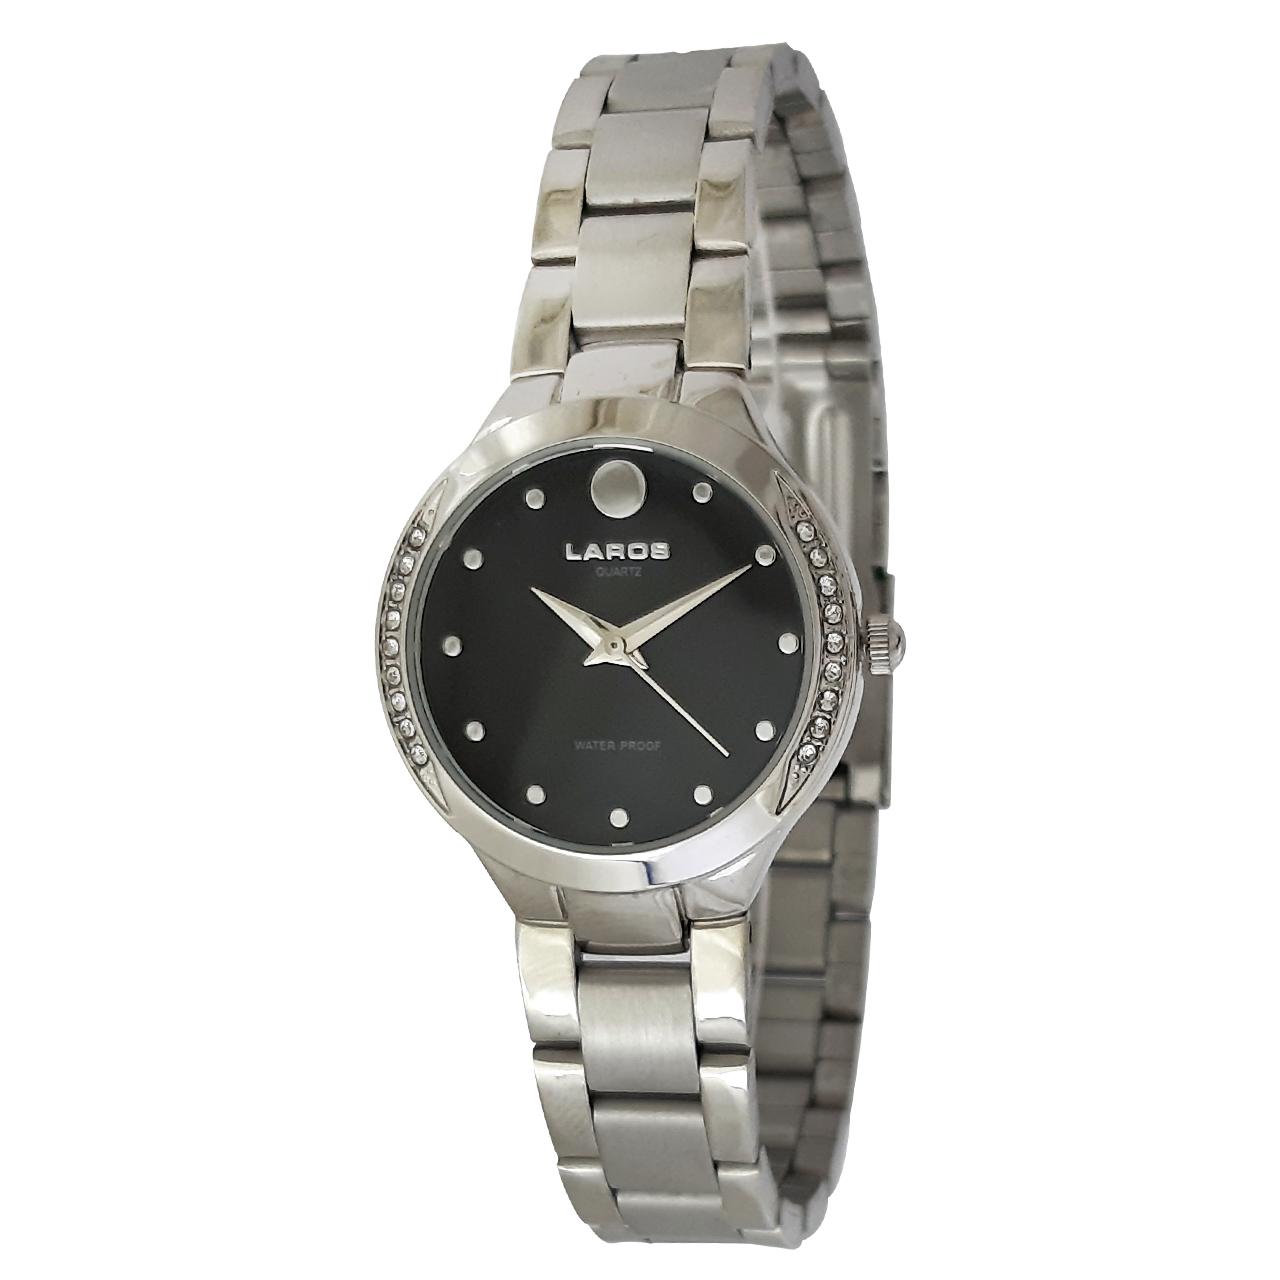 ساعت مچی عقربه ای زنانه لاروس مدل0916-79916 به همراه دستمال مخصوص برند کلین واچ 47